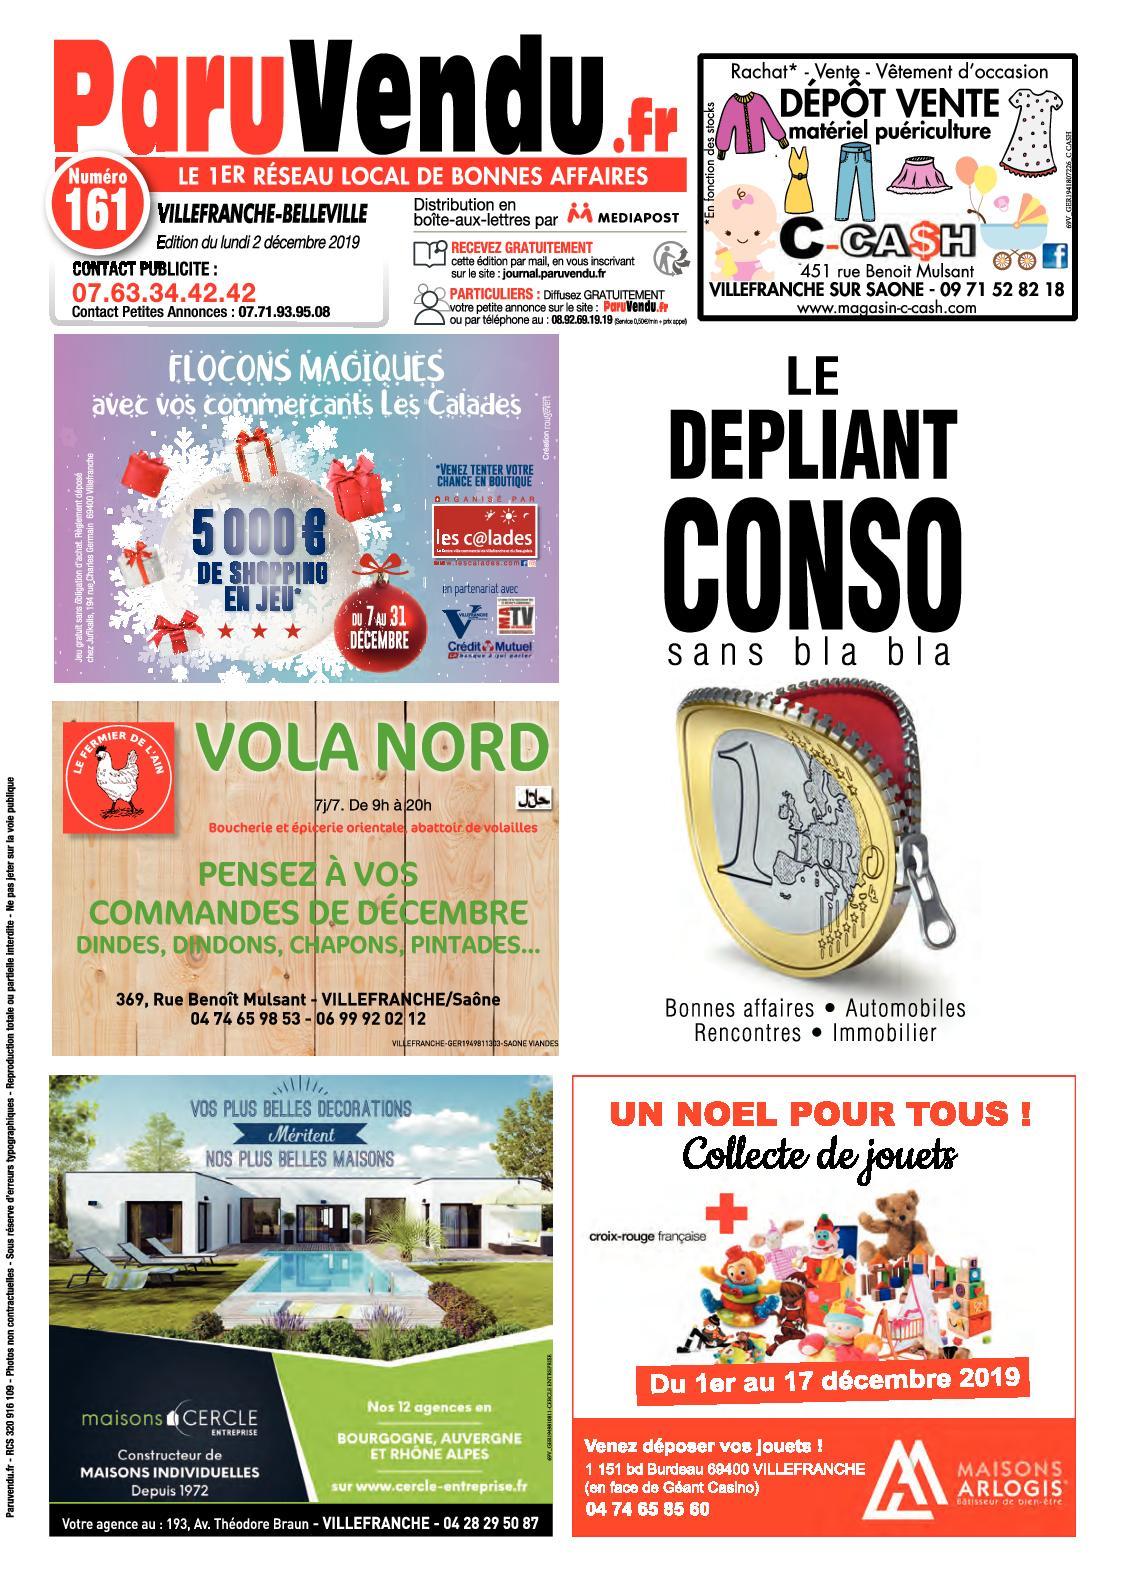 Le Constructeur De Bourgogne calaméo - paruvendu.fr villefranche n°161